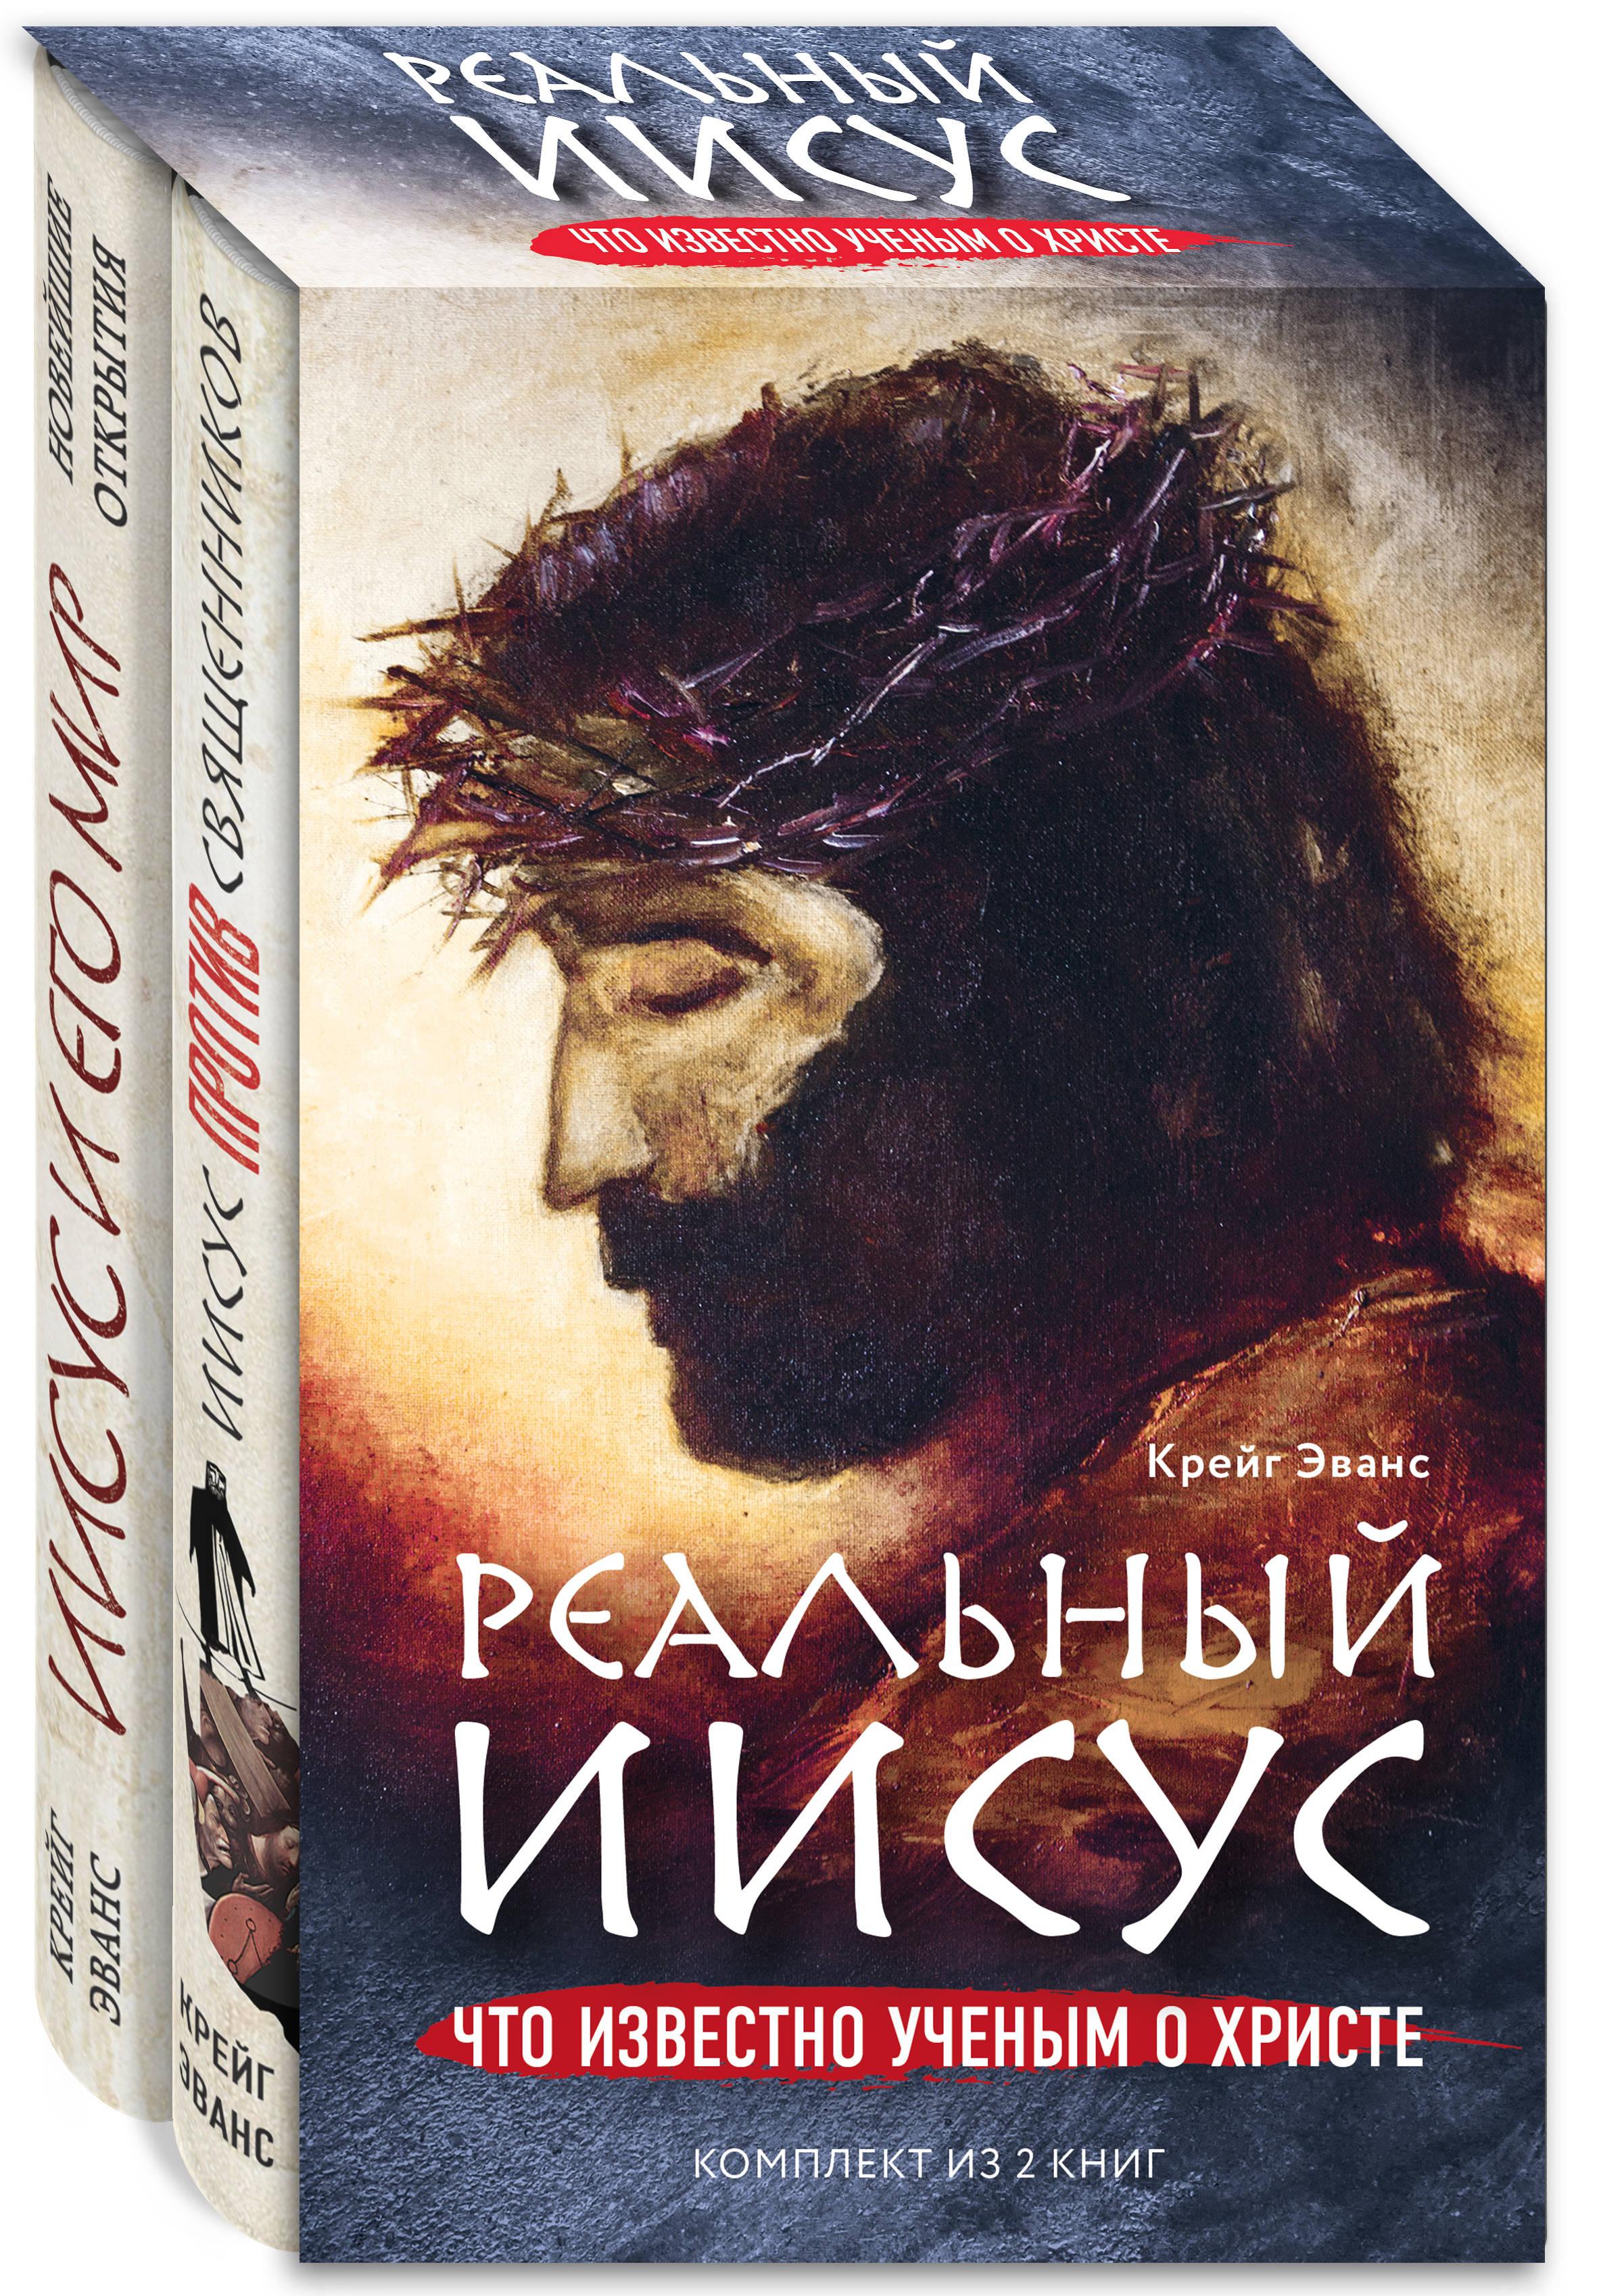 Реальный Иисус. Что известно ученым о Христе (комплект) скотт с величайшие слова в мире все что иисус сказал о вас isbn 9785699508846